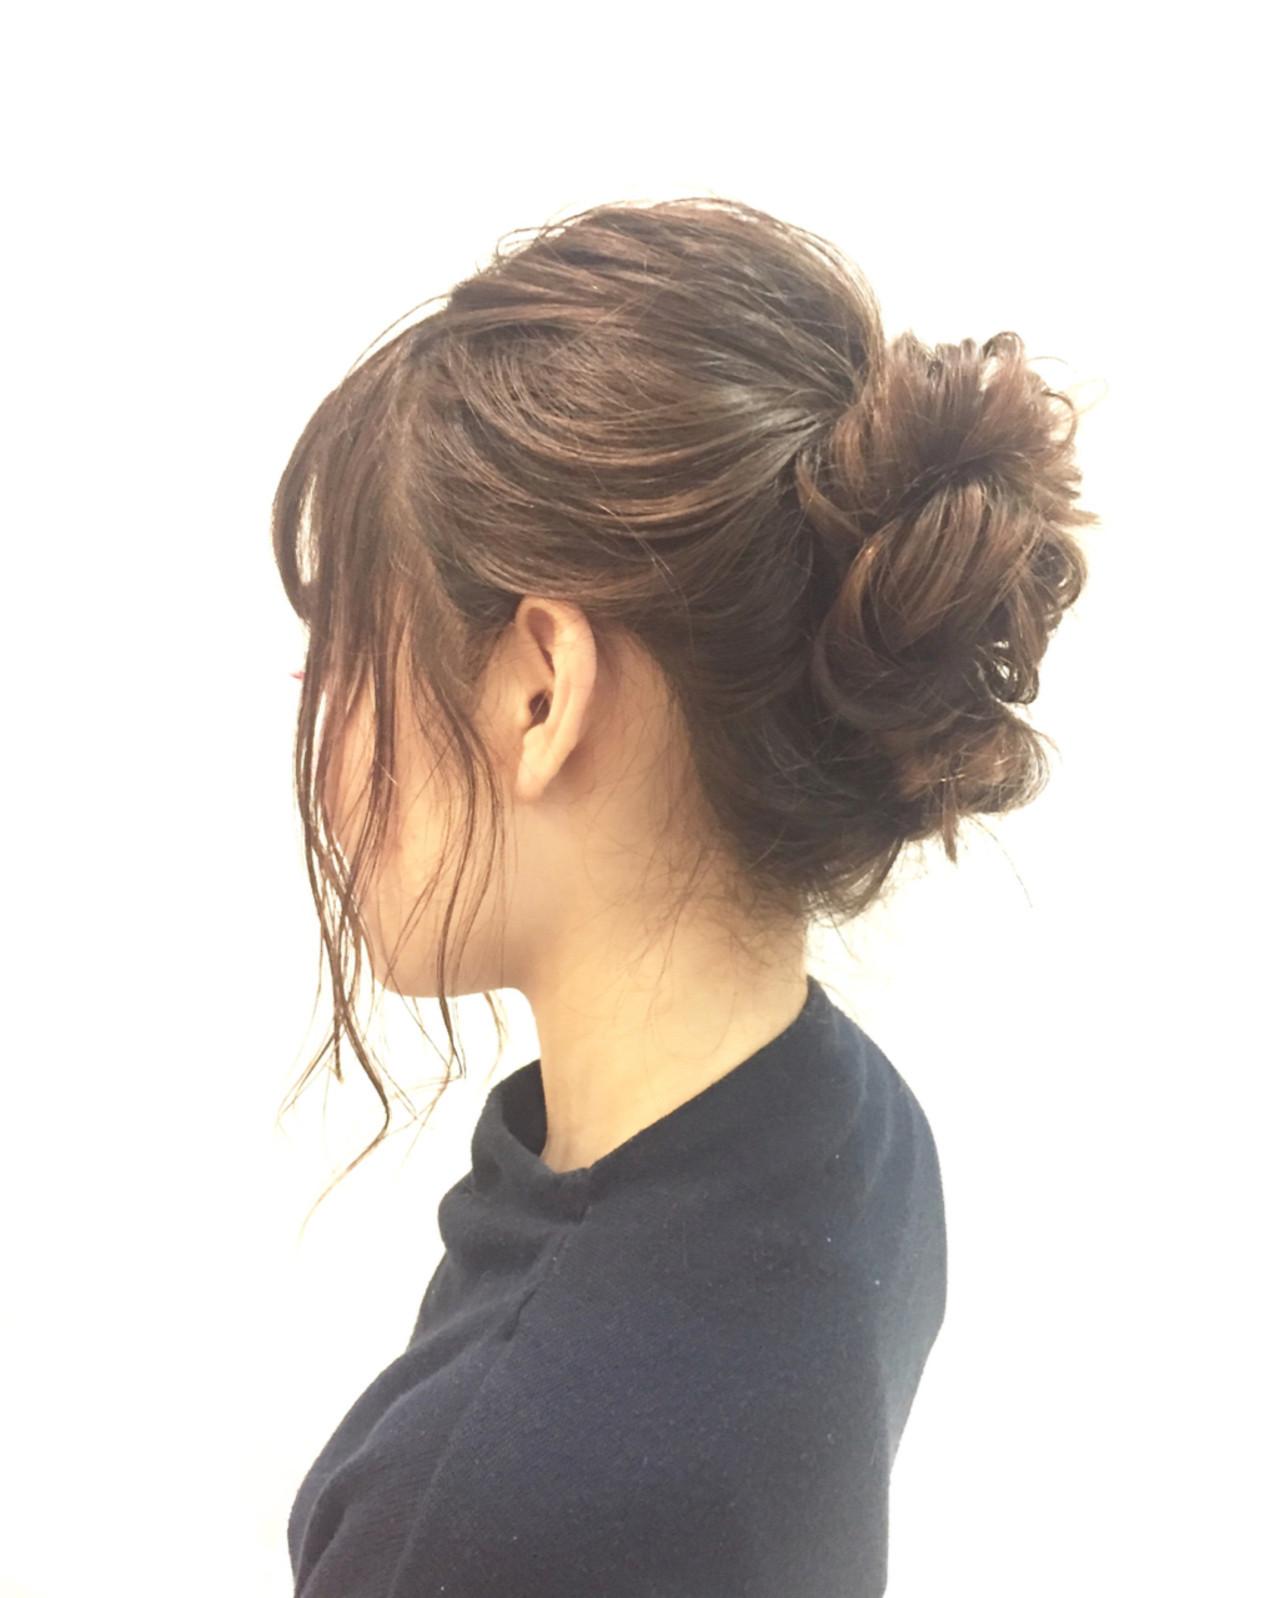 【簡単】オフィス向けセミロングの結び方ガイド♪きれいめまとめ髪で上品に イワタユウ